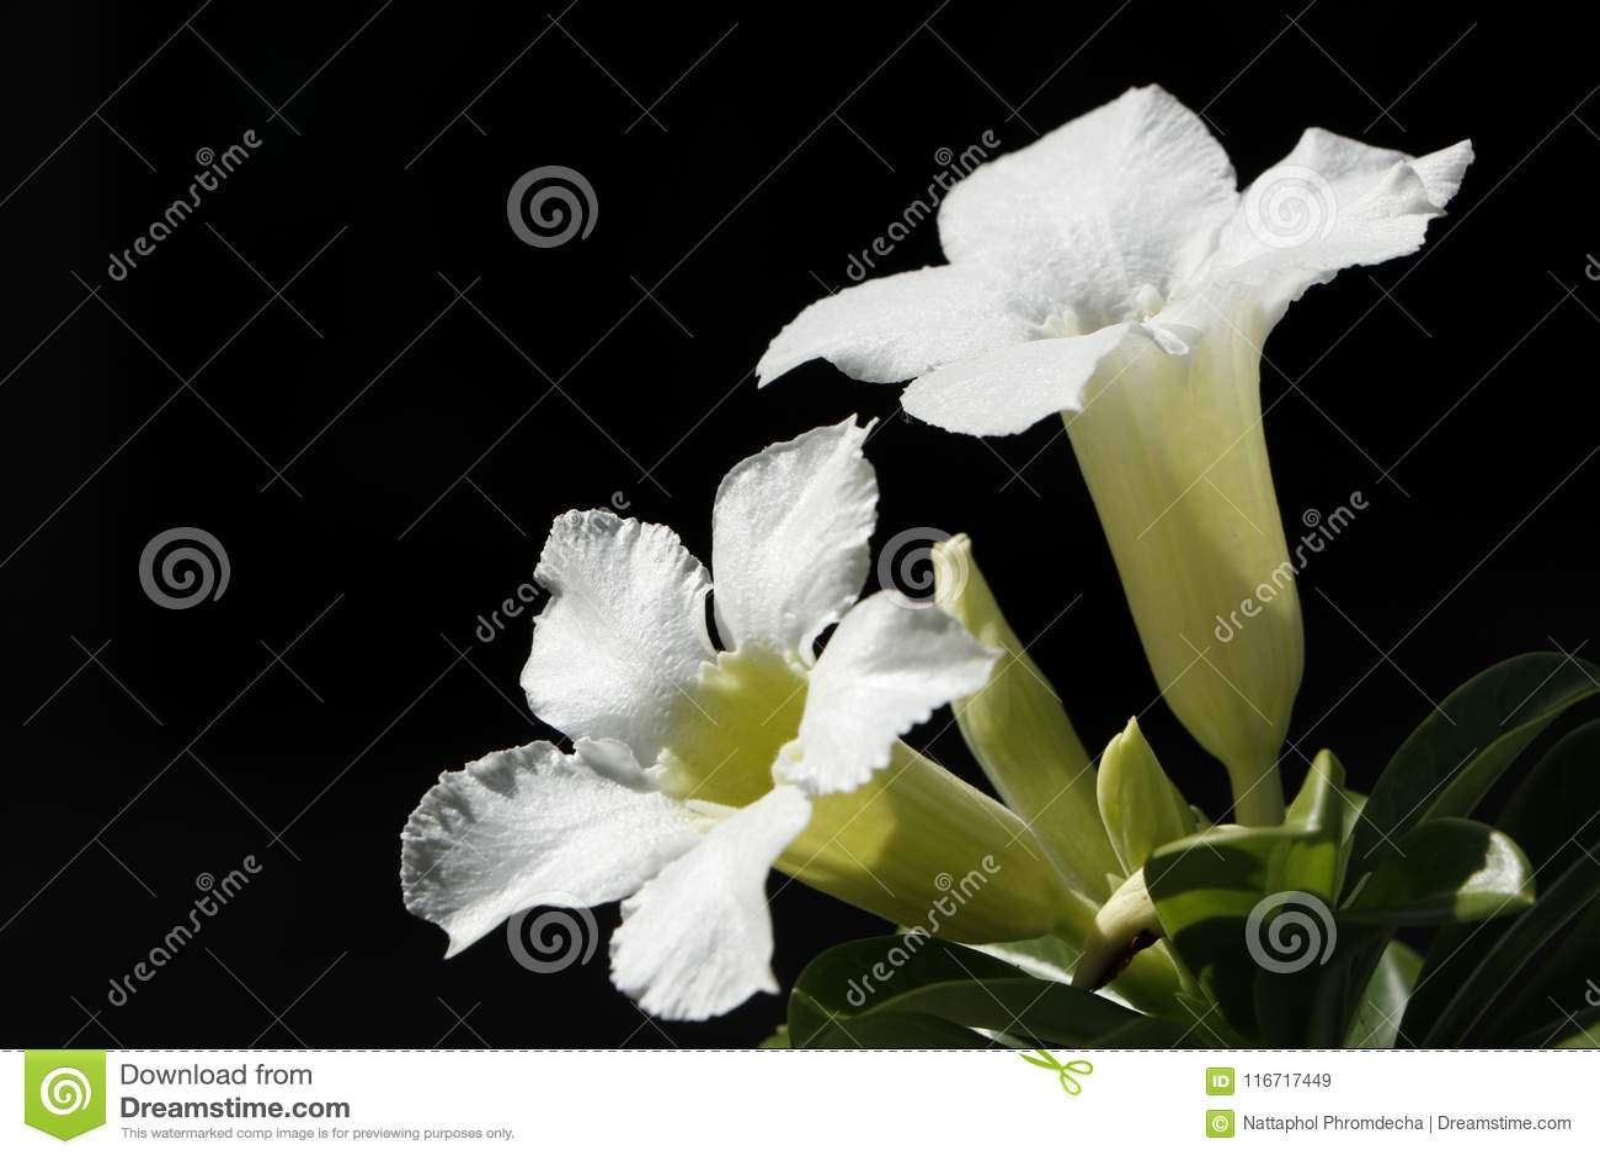 Η άσπρη έρημος αυξήθηκε λουλούδι ή obesum Adenium, κρίνος Impala, πλαστή αζαλέα που απομονώθηκε